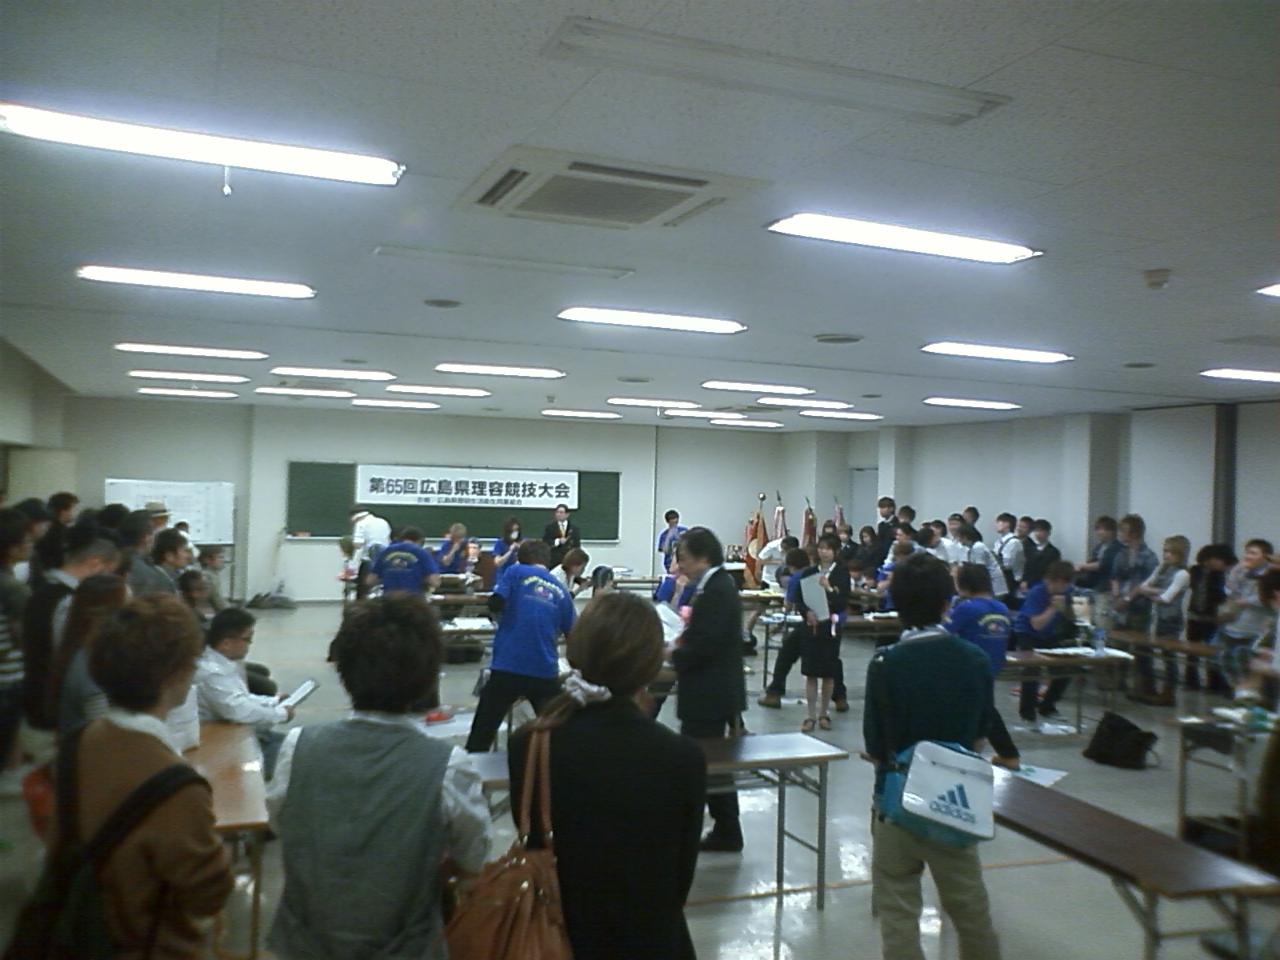 第65回 広島県理容競技大会_e0036217_21193360.jpg